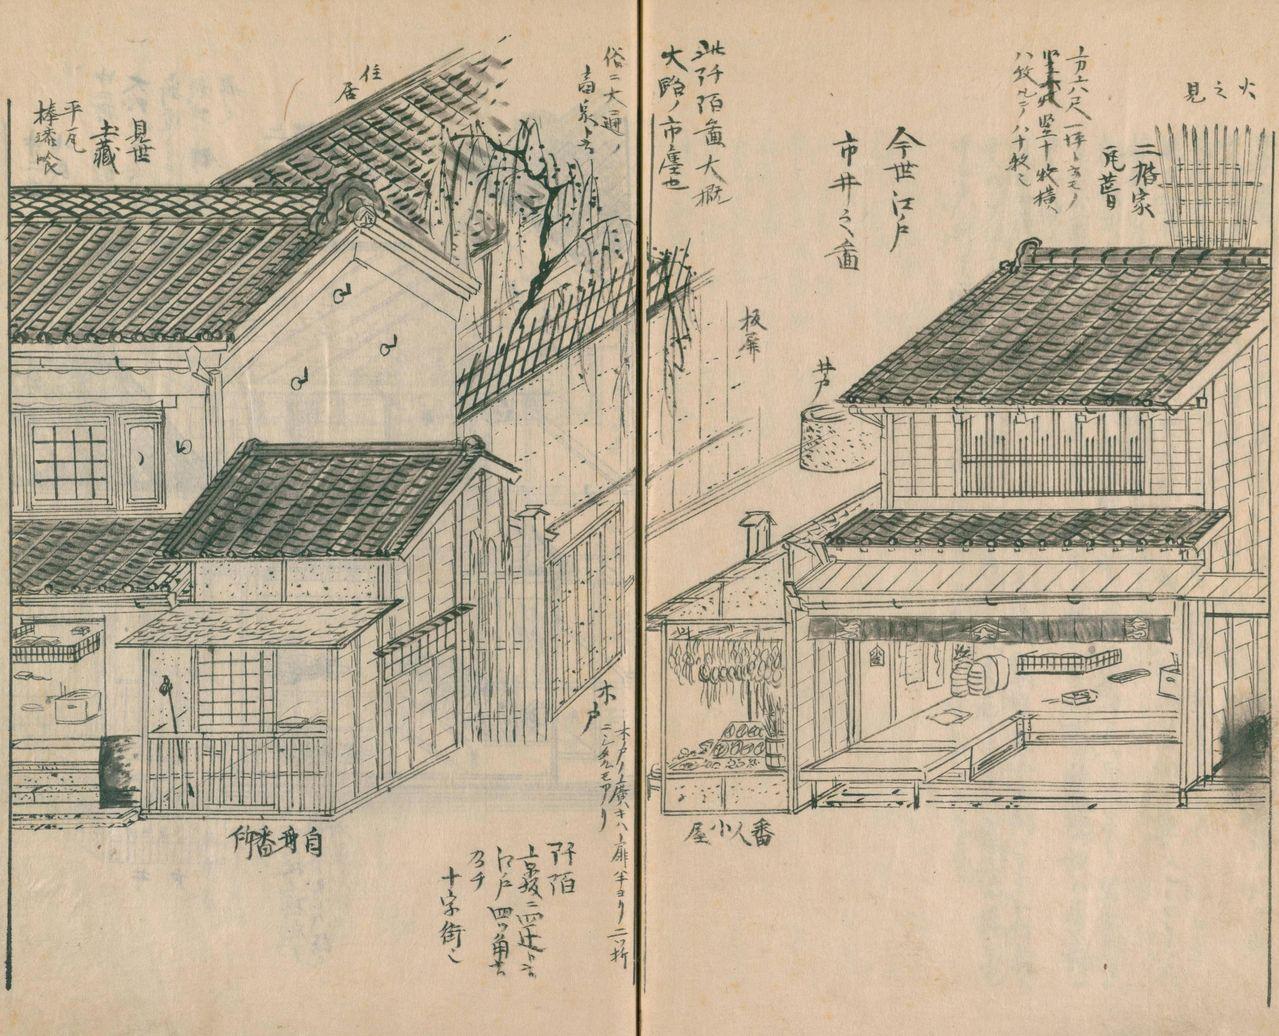 «Нынешняя улица Эдо». Справа видна лавка в фасадной части дома (омотэдана), которым обычно заведовал домовладелец. Ворота в центре ведут к многоквартирному дому, который простые люди снимают у домовладельца